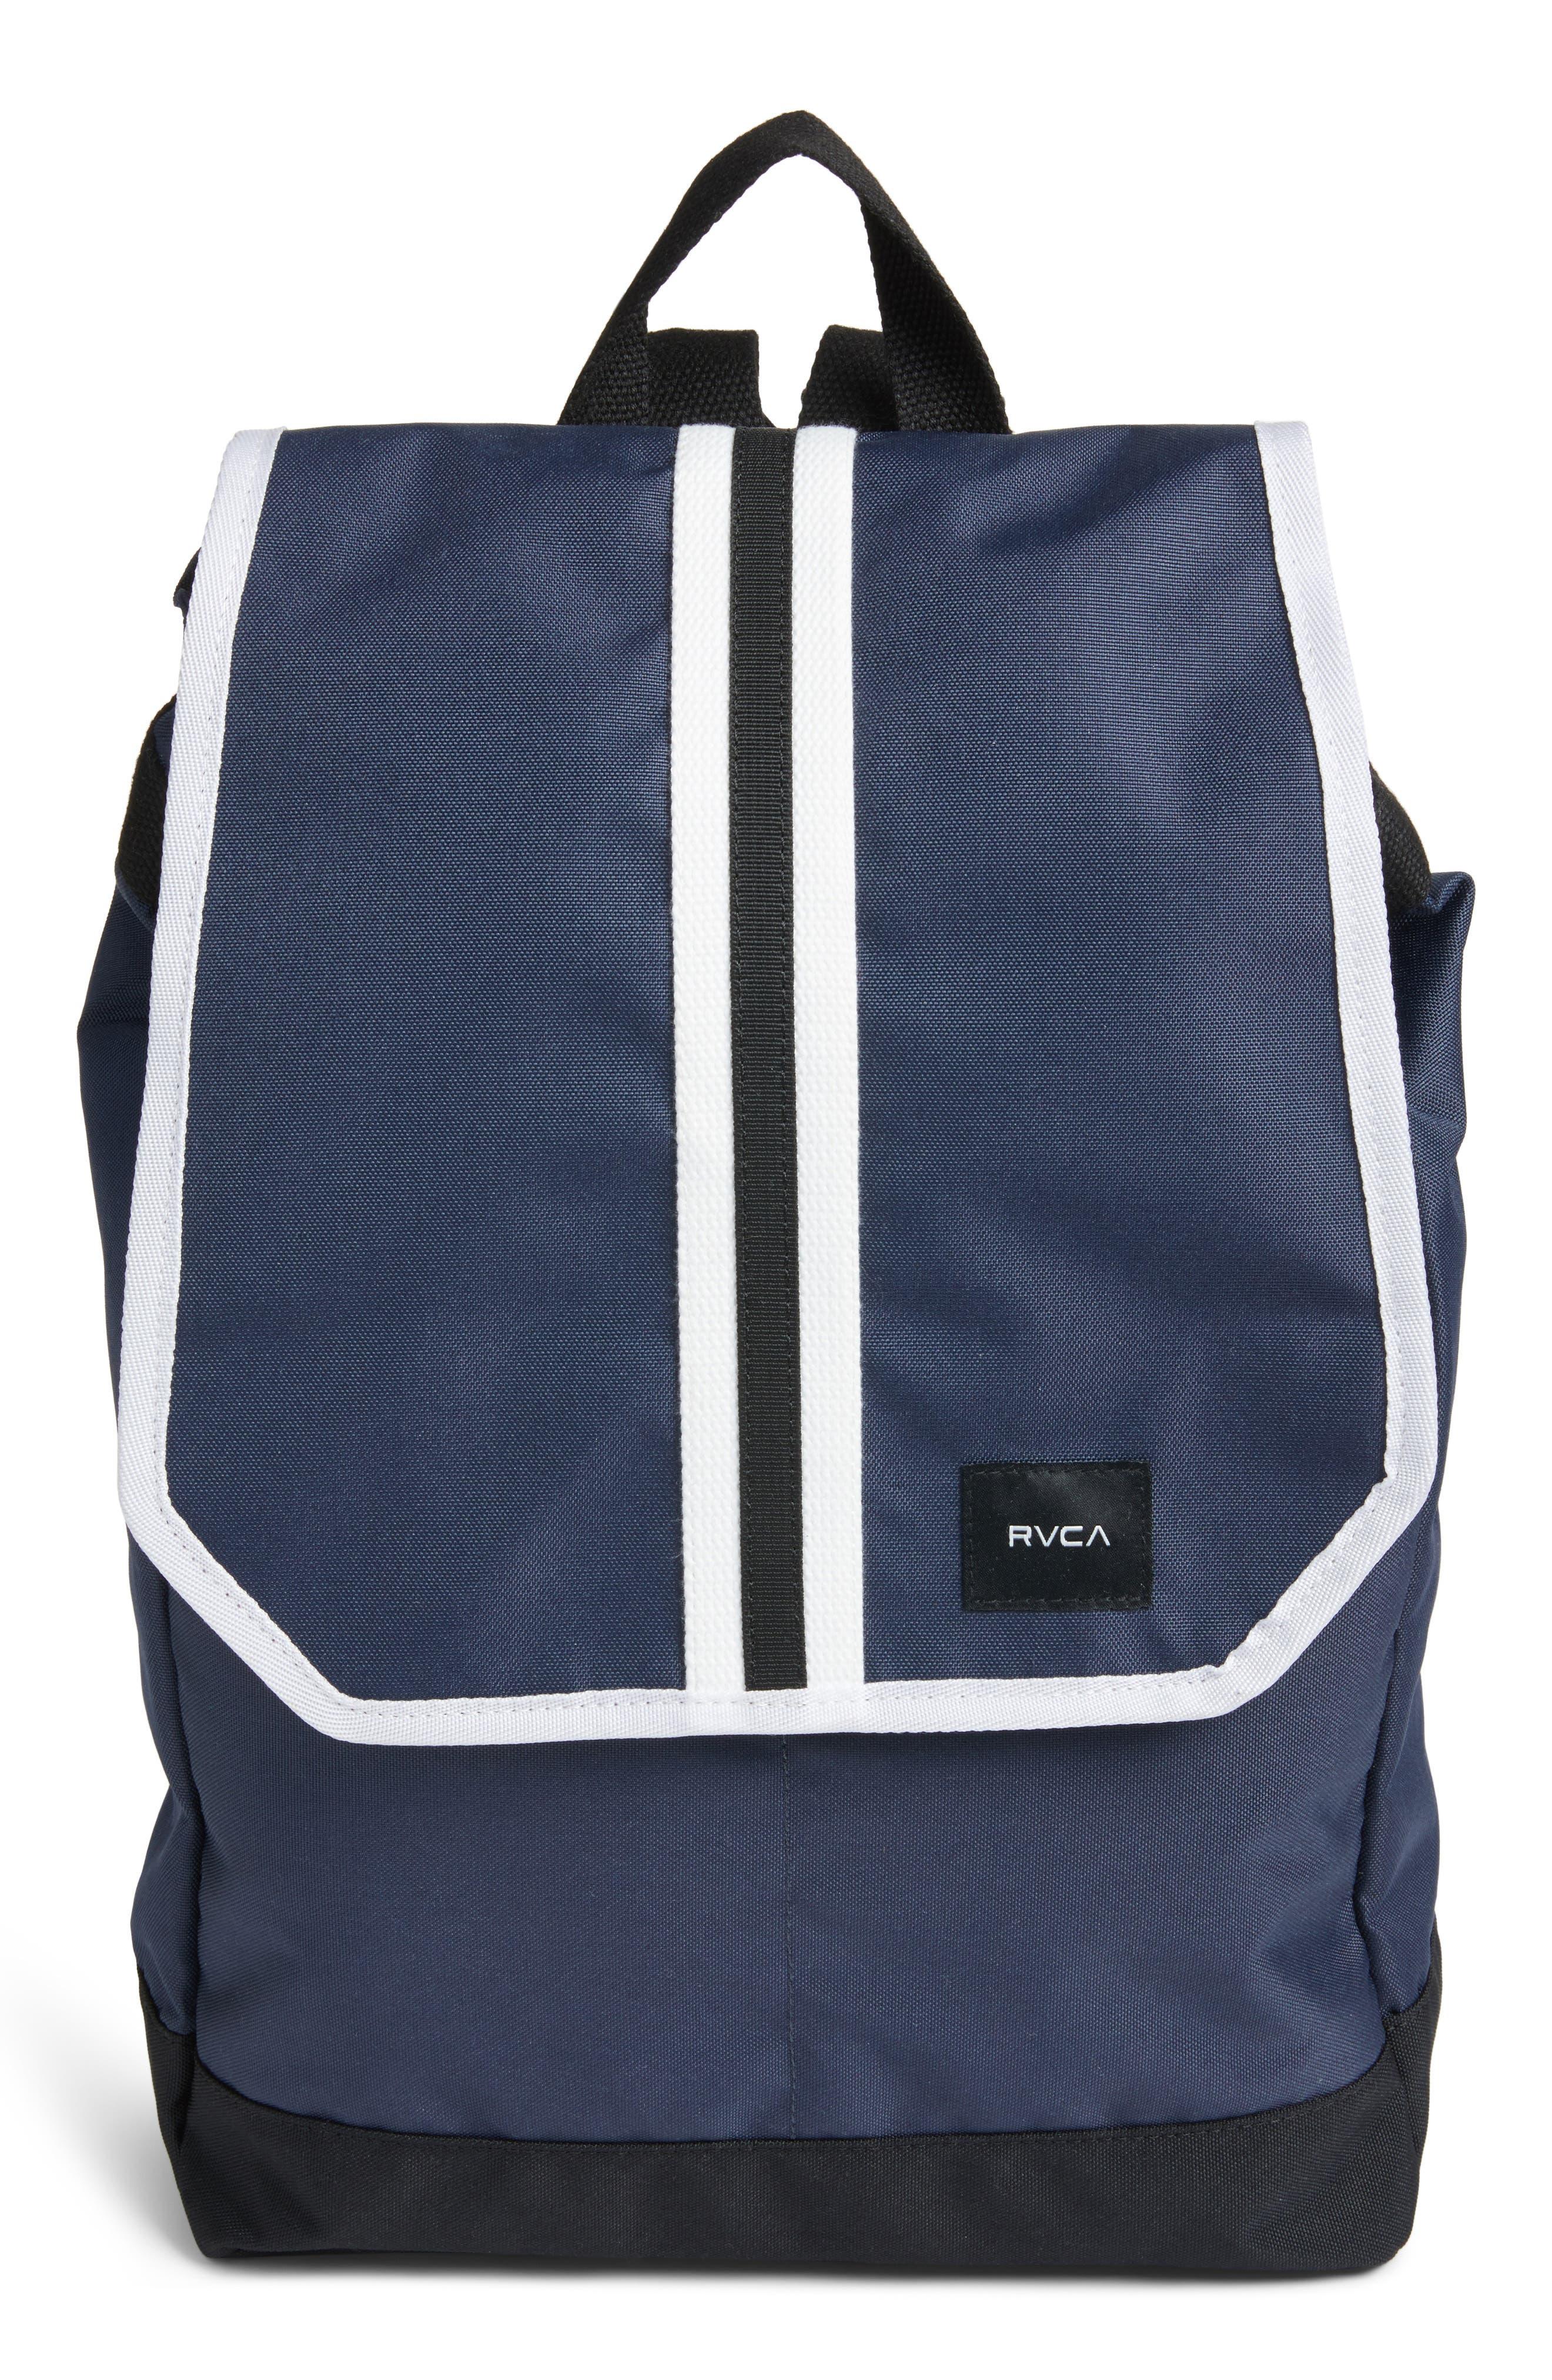 Dazed Backpack,                         Main,                         color, Federal Blue